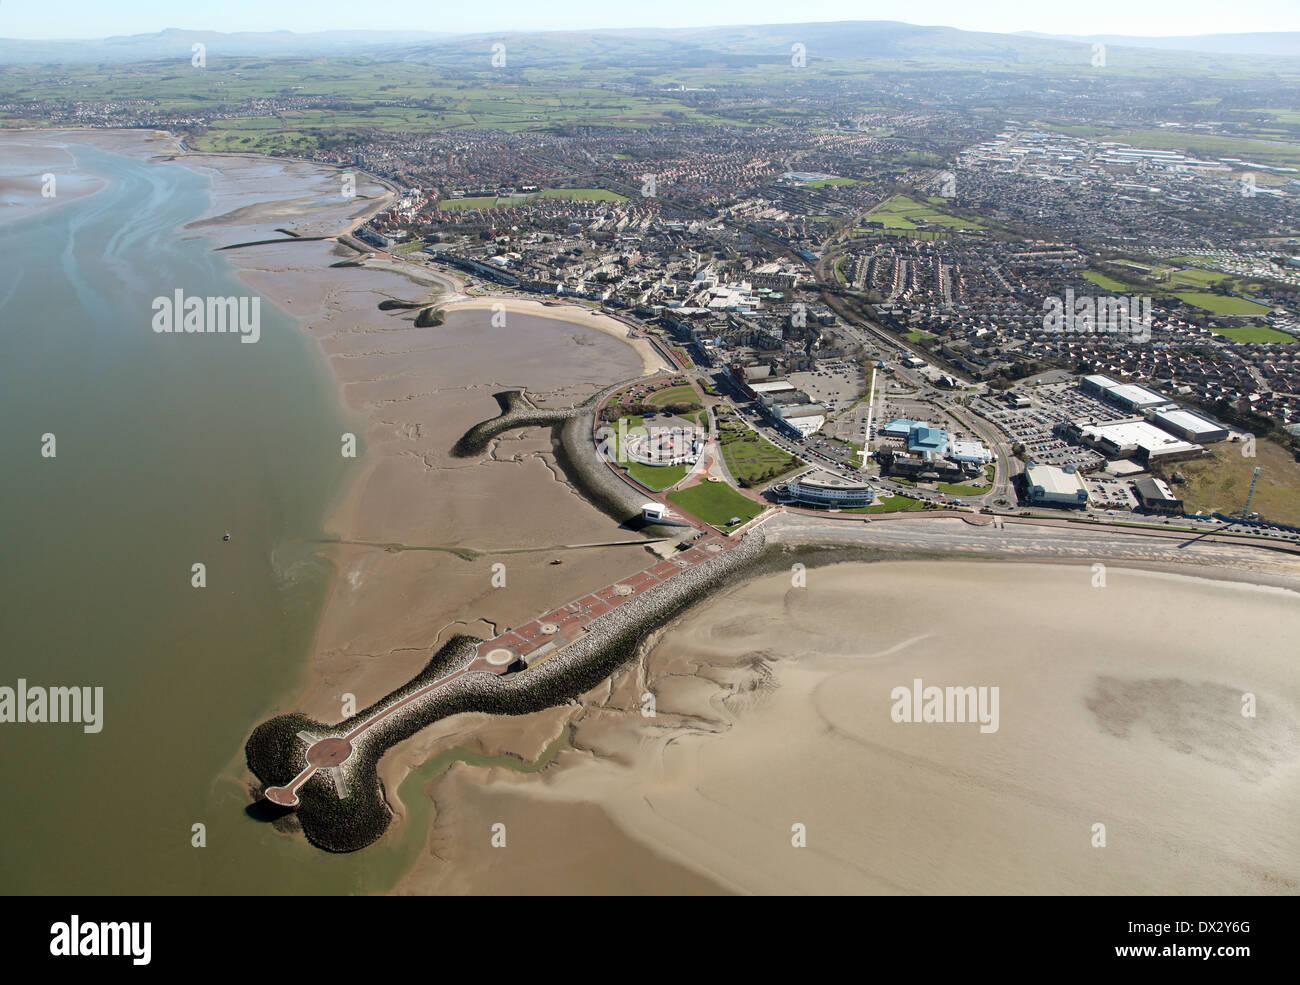 Vista aérea de la ciudad de Morecambe y paseo marítimo, defensas contra el mar y las playas en Lancashire Imagen De Stock